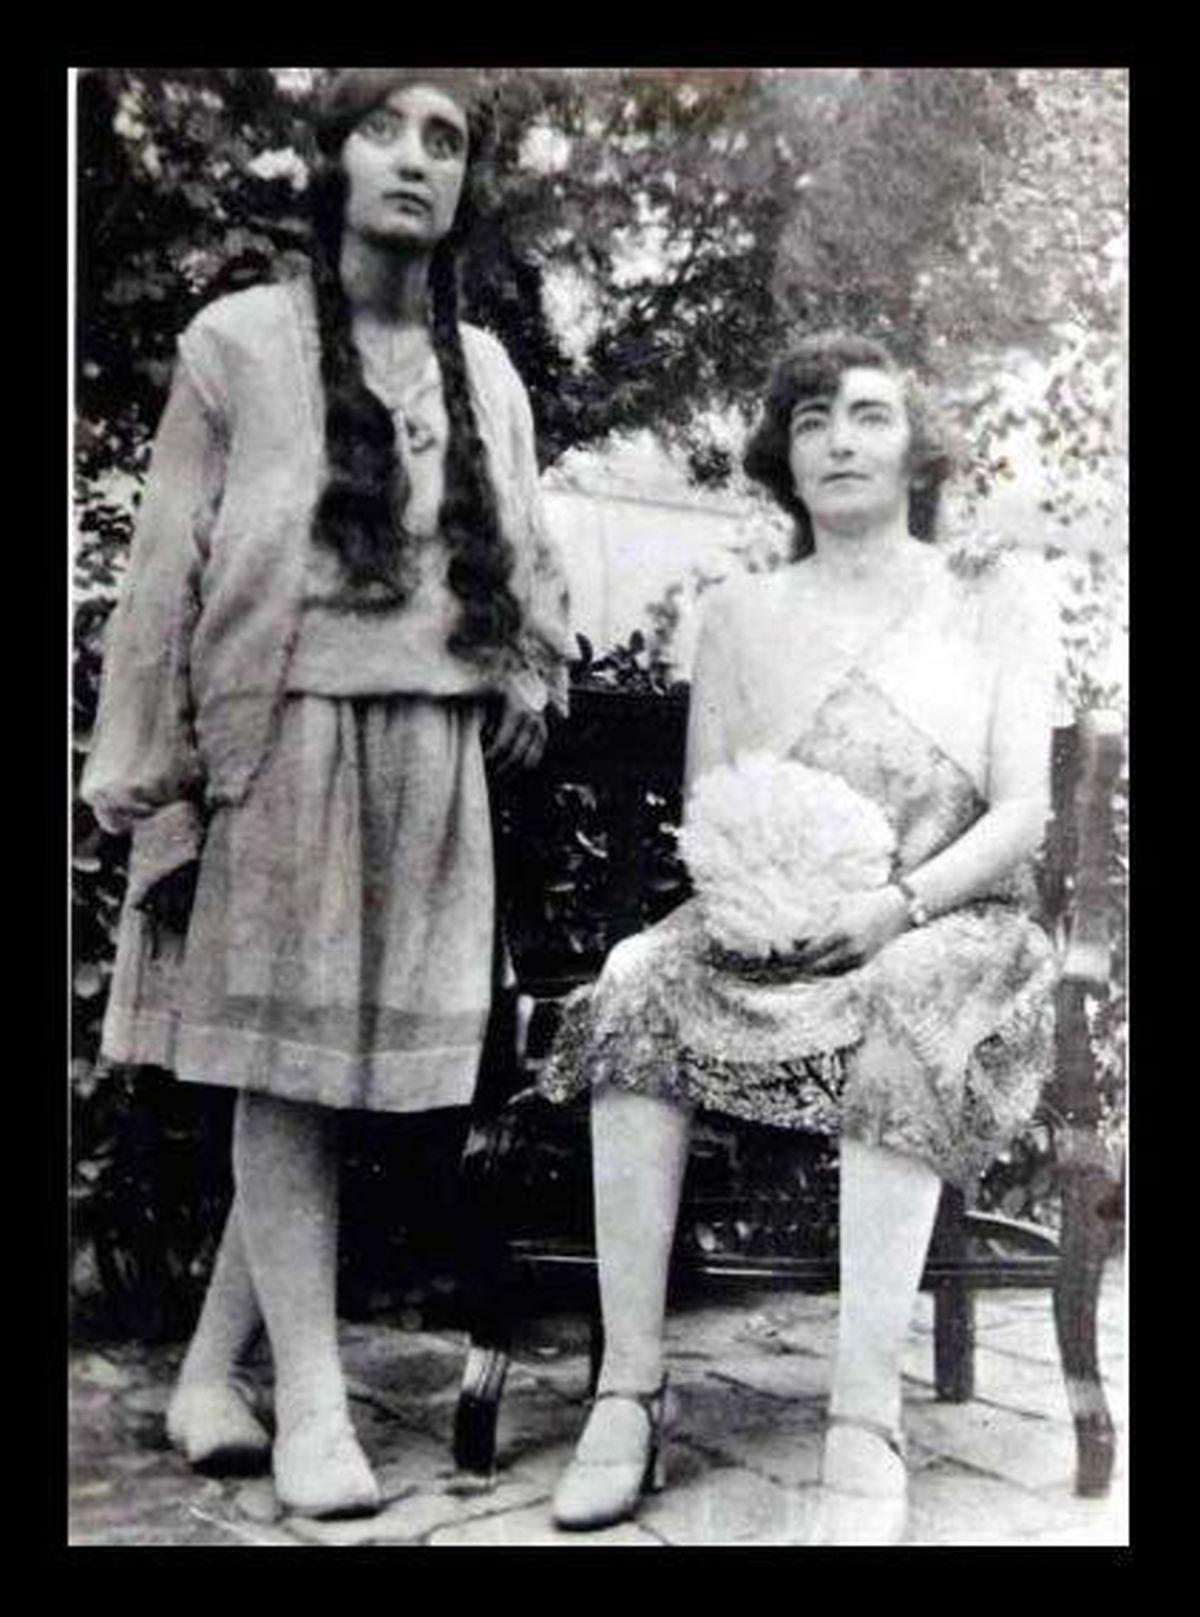 سرنوشت تلخ و غمانگیز دختر زیبای قاجار